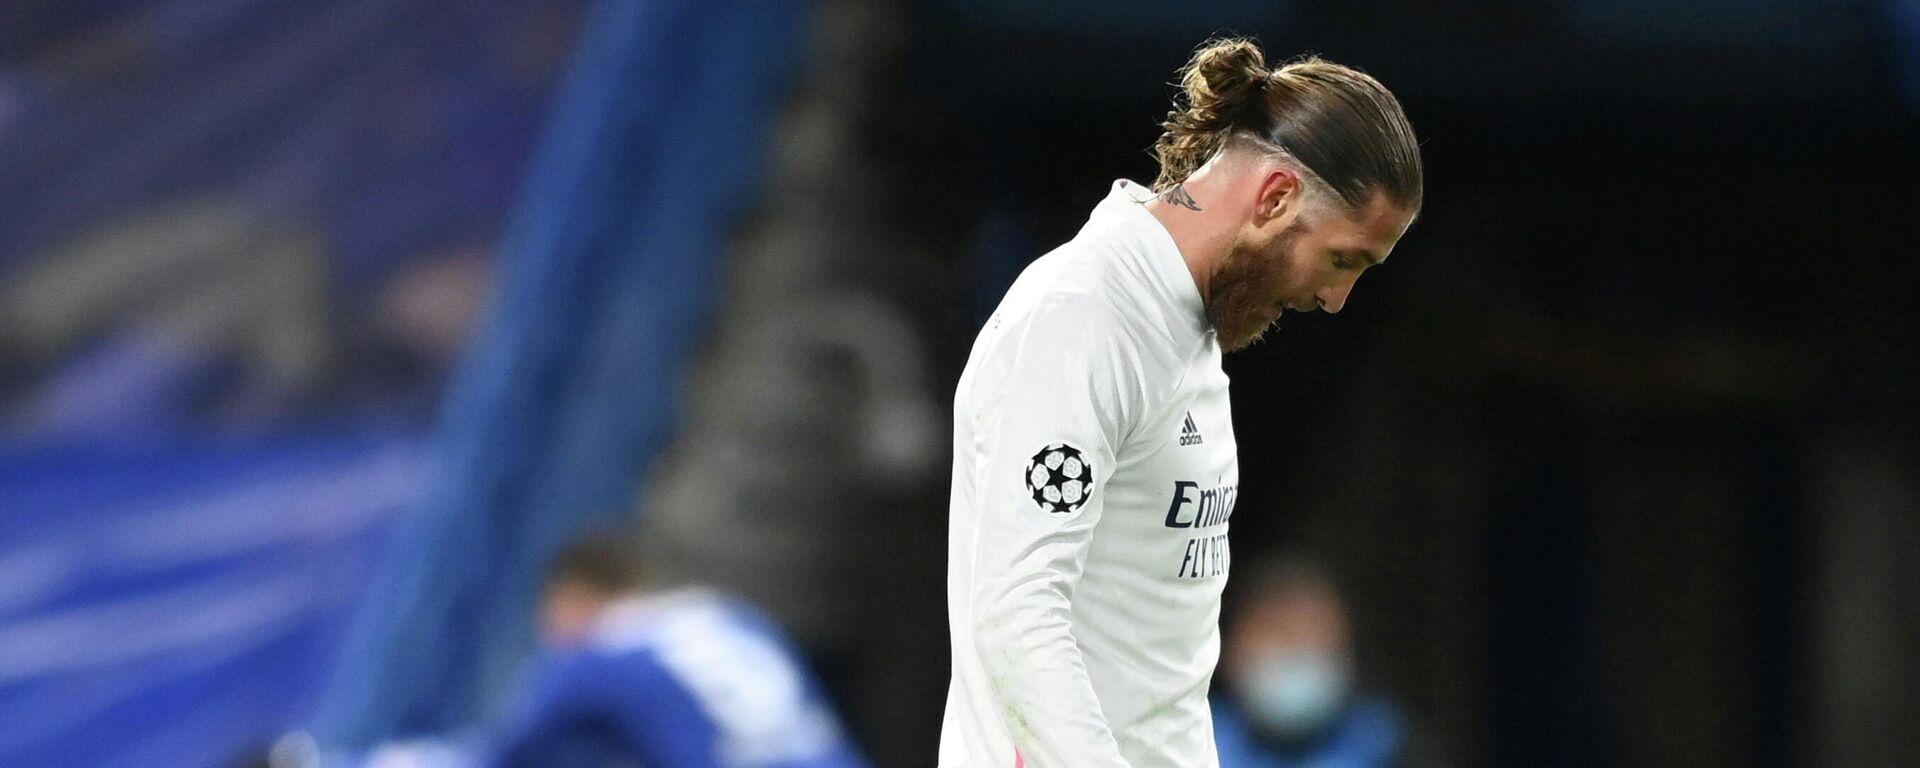 Sergio Ramos, futbolista, central del Real Madrid y capitán del combinado nacional de España - Sputnik Mundo, 1920, 24.05.2021